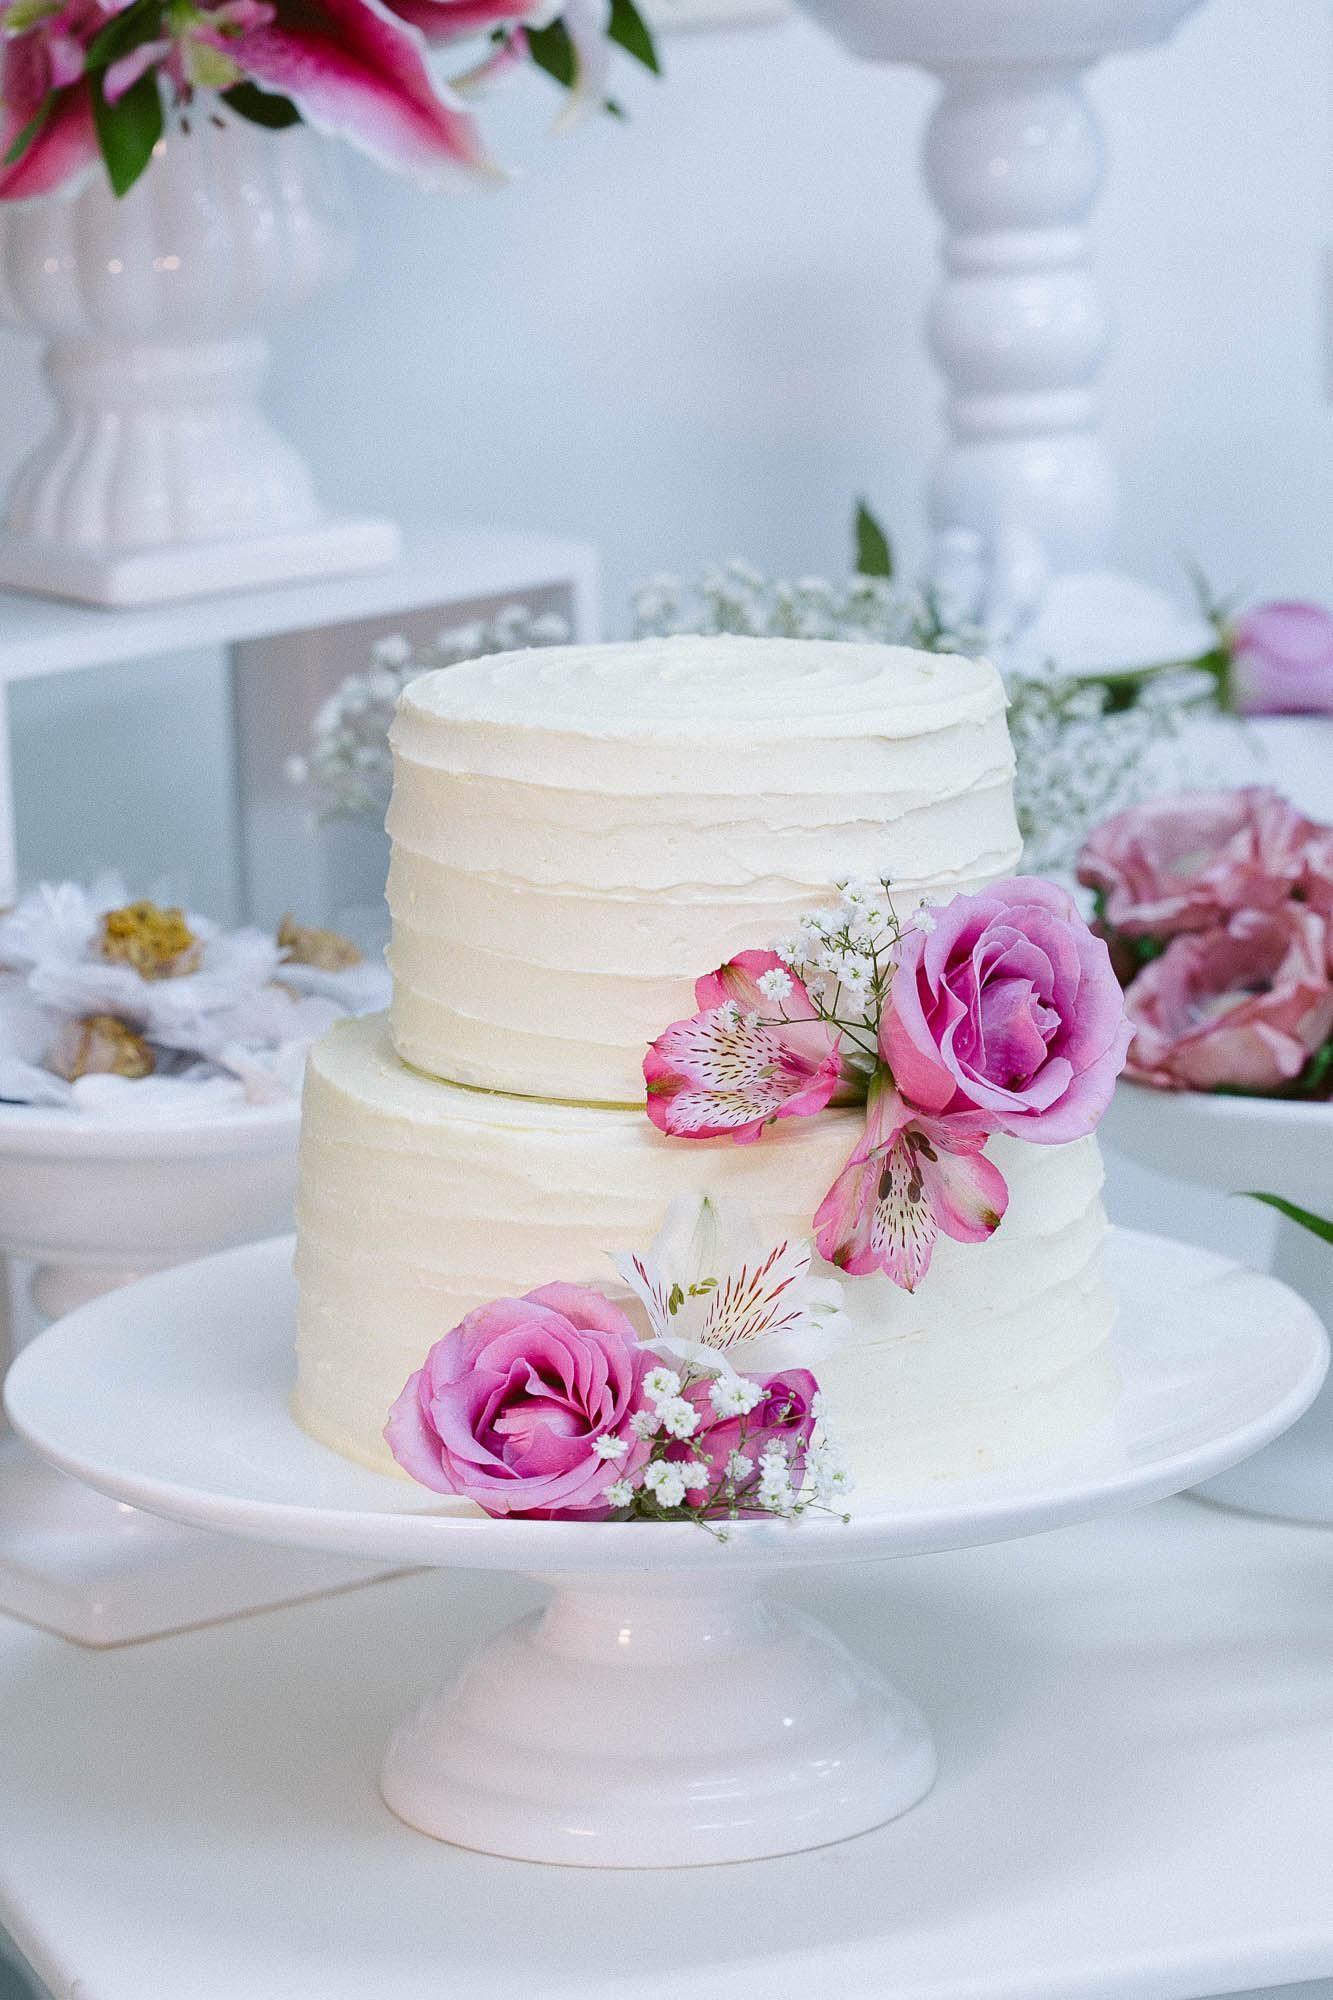 Bolo de casamento com buttercream rústico e decoraç u00e3o com flores naturais Tend u00eancia Bolos  -> Decoração De Bolo Com Flor Natural